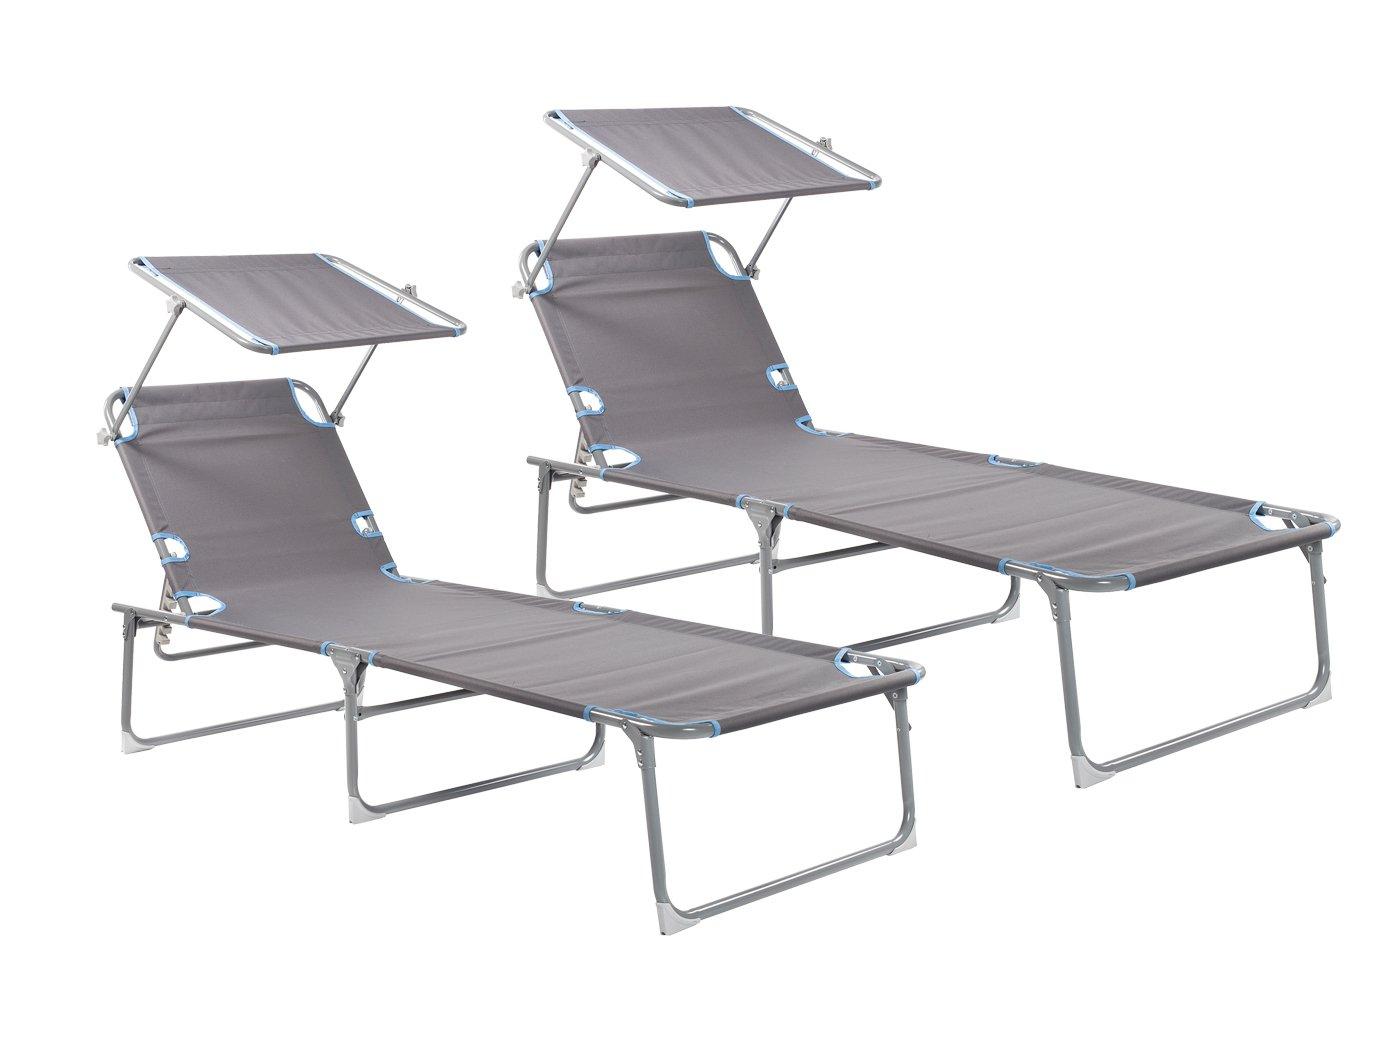 2er-Set Sonnenliege mit Dach, verstellbar, zusammenklappbar, belastbar bis 120kg; Campart Travel BE-0625 online bestellen